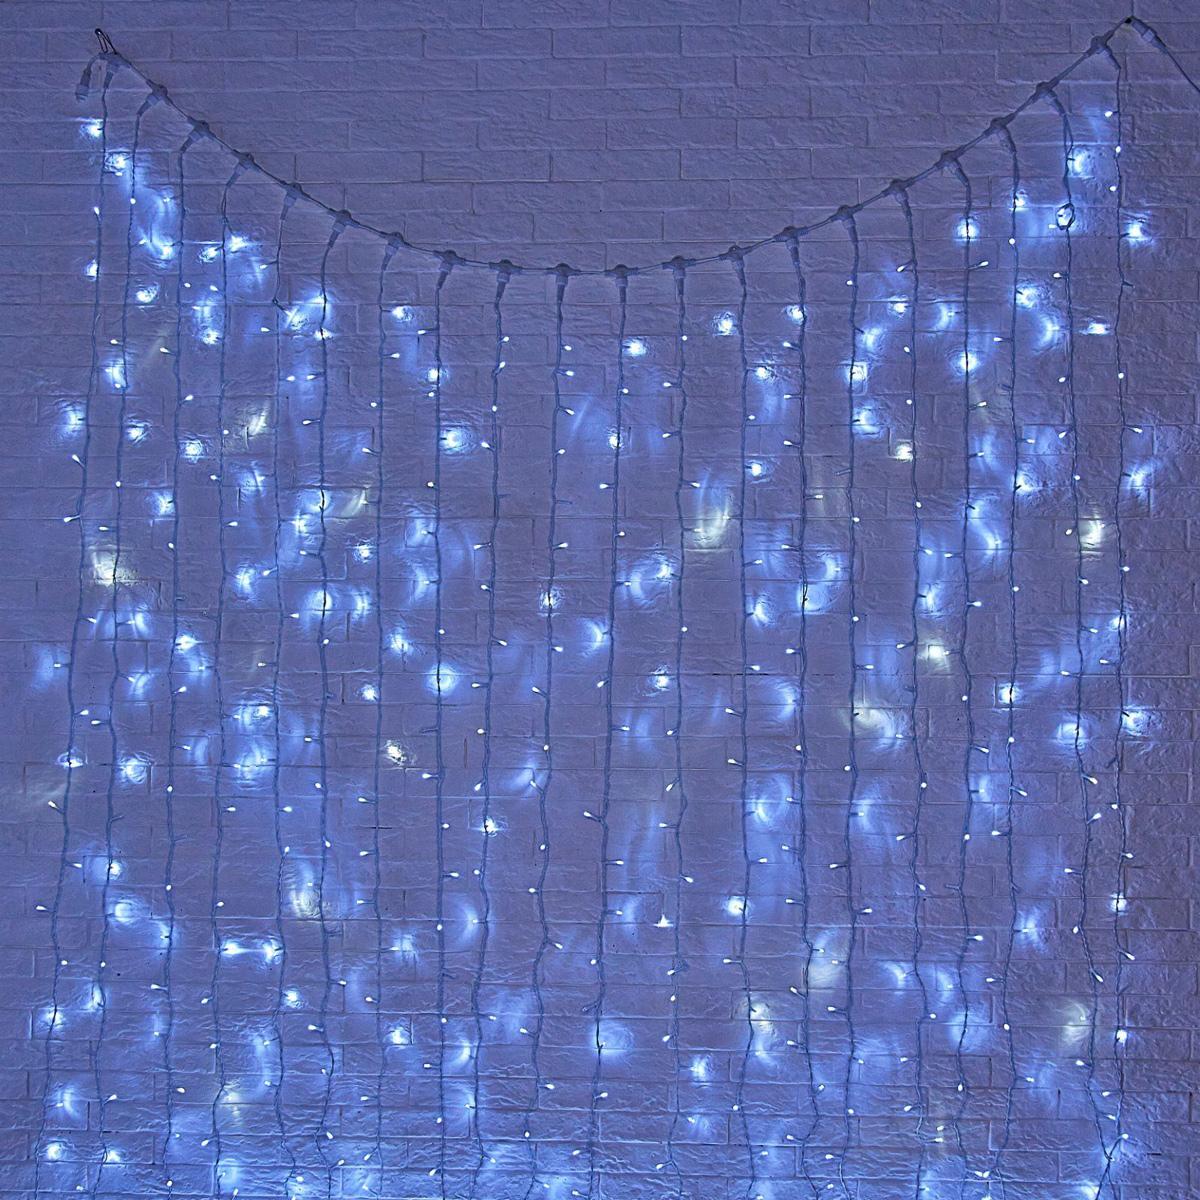 Гирлянда светодиодная Luazon Занавес, цвет: белый, уличная, 1440 ламп, 280-220 V, 2 х 6 м. 10802721080272Светодиодные гирлянды и ленты — это отличный вариант для новогоднего оформления интерьера или фасада. С их помощью помещение любого размера можно превратить в праздничный зал, а внешние элементы зданий, украшенные ими, мгновенно станут напоминать очертания сказочного дворца. Такие украшения создают ауру предвкушения чуда. Деревья, фасады, витрины, окна и арки будто специально созданы, чтобы вы украсили их светящимися нитями.